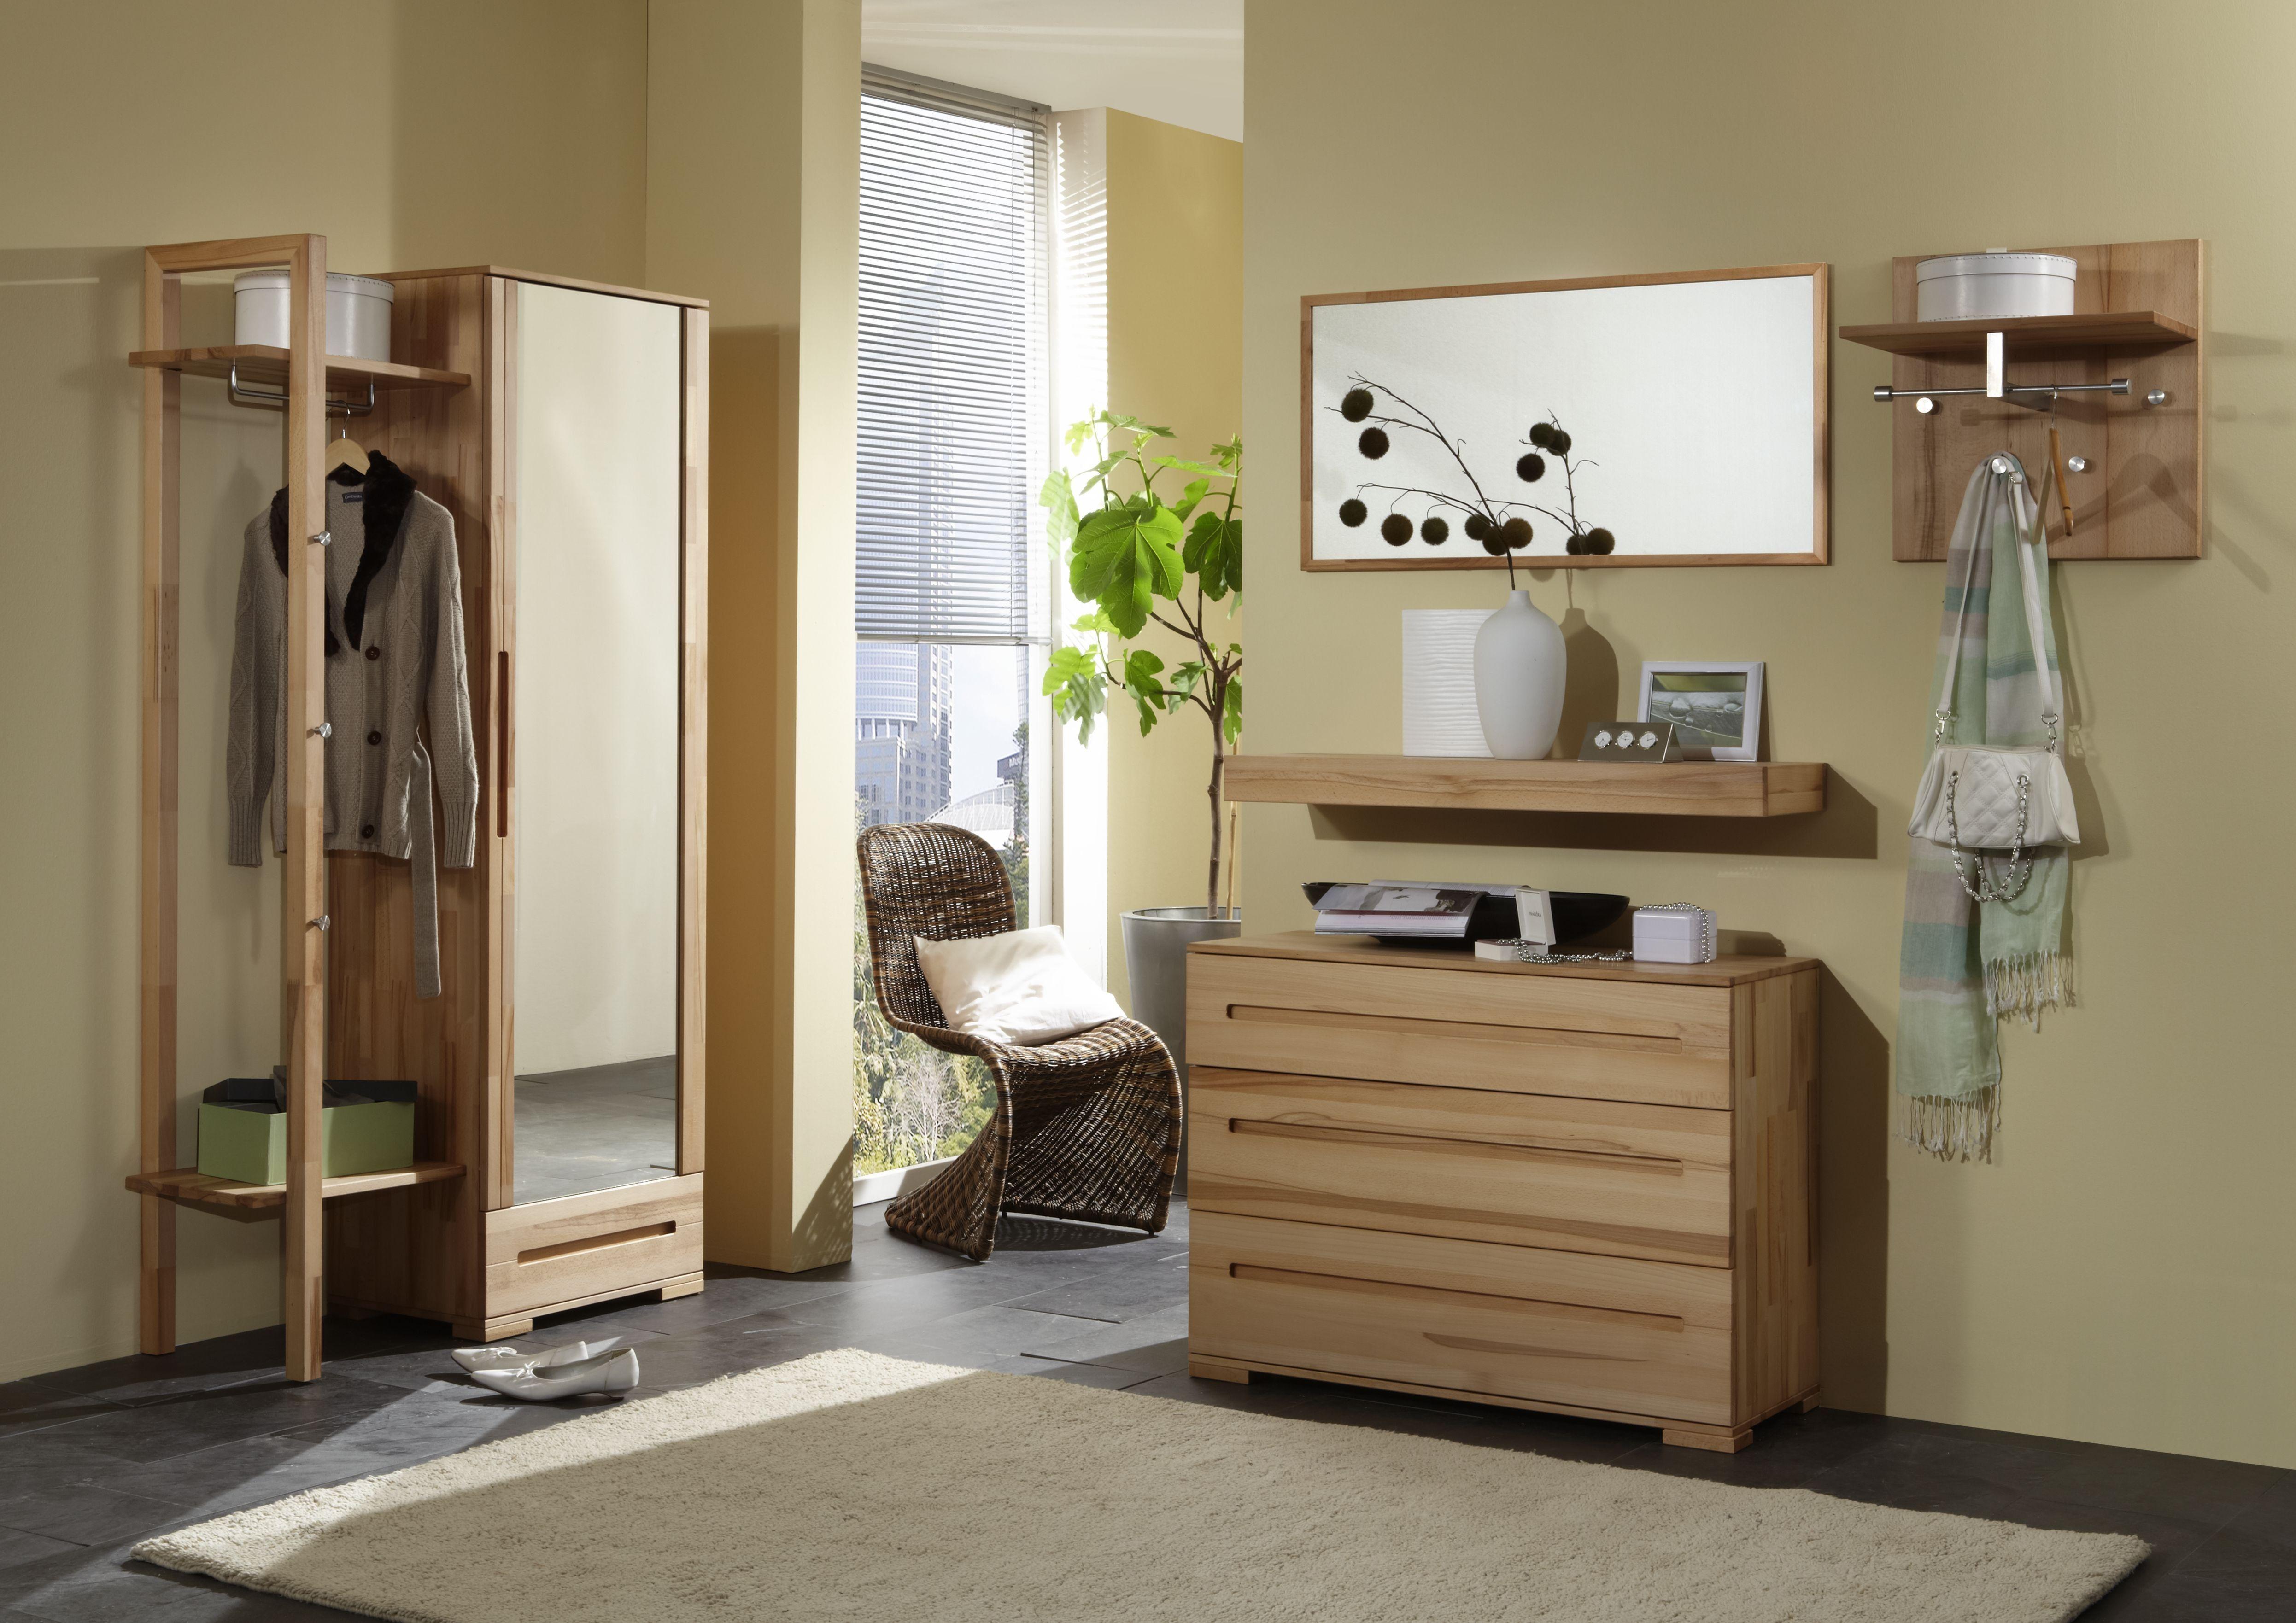 badmöbel kernbuche Möbel online kaufen, Woody möbel